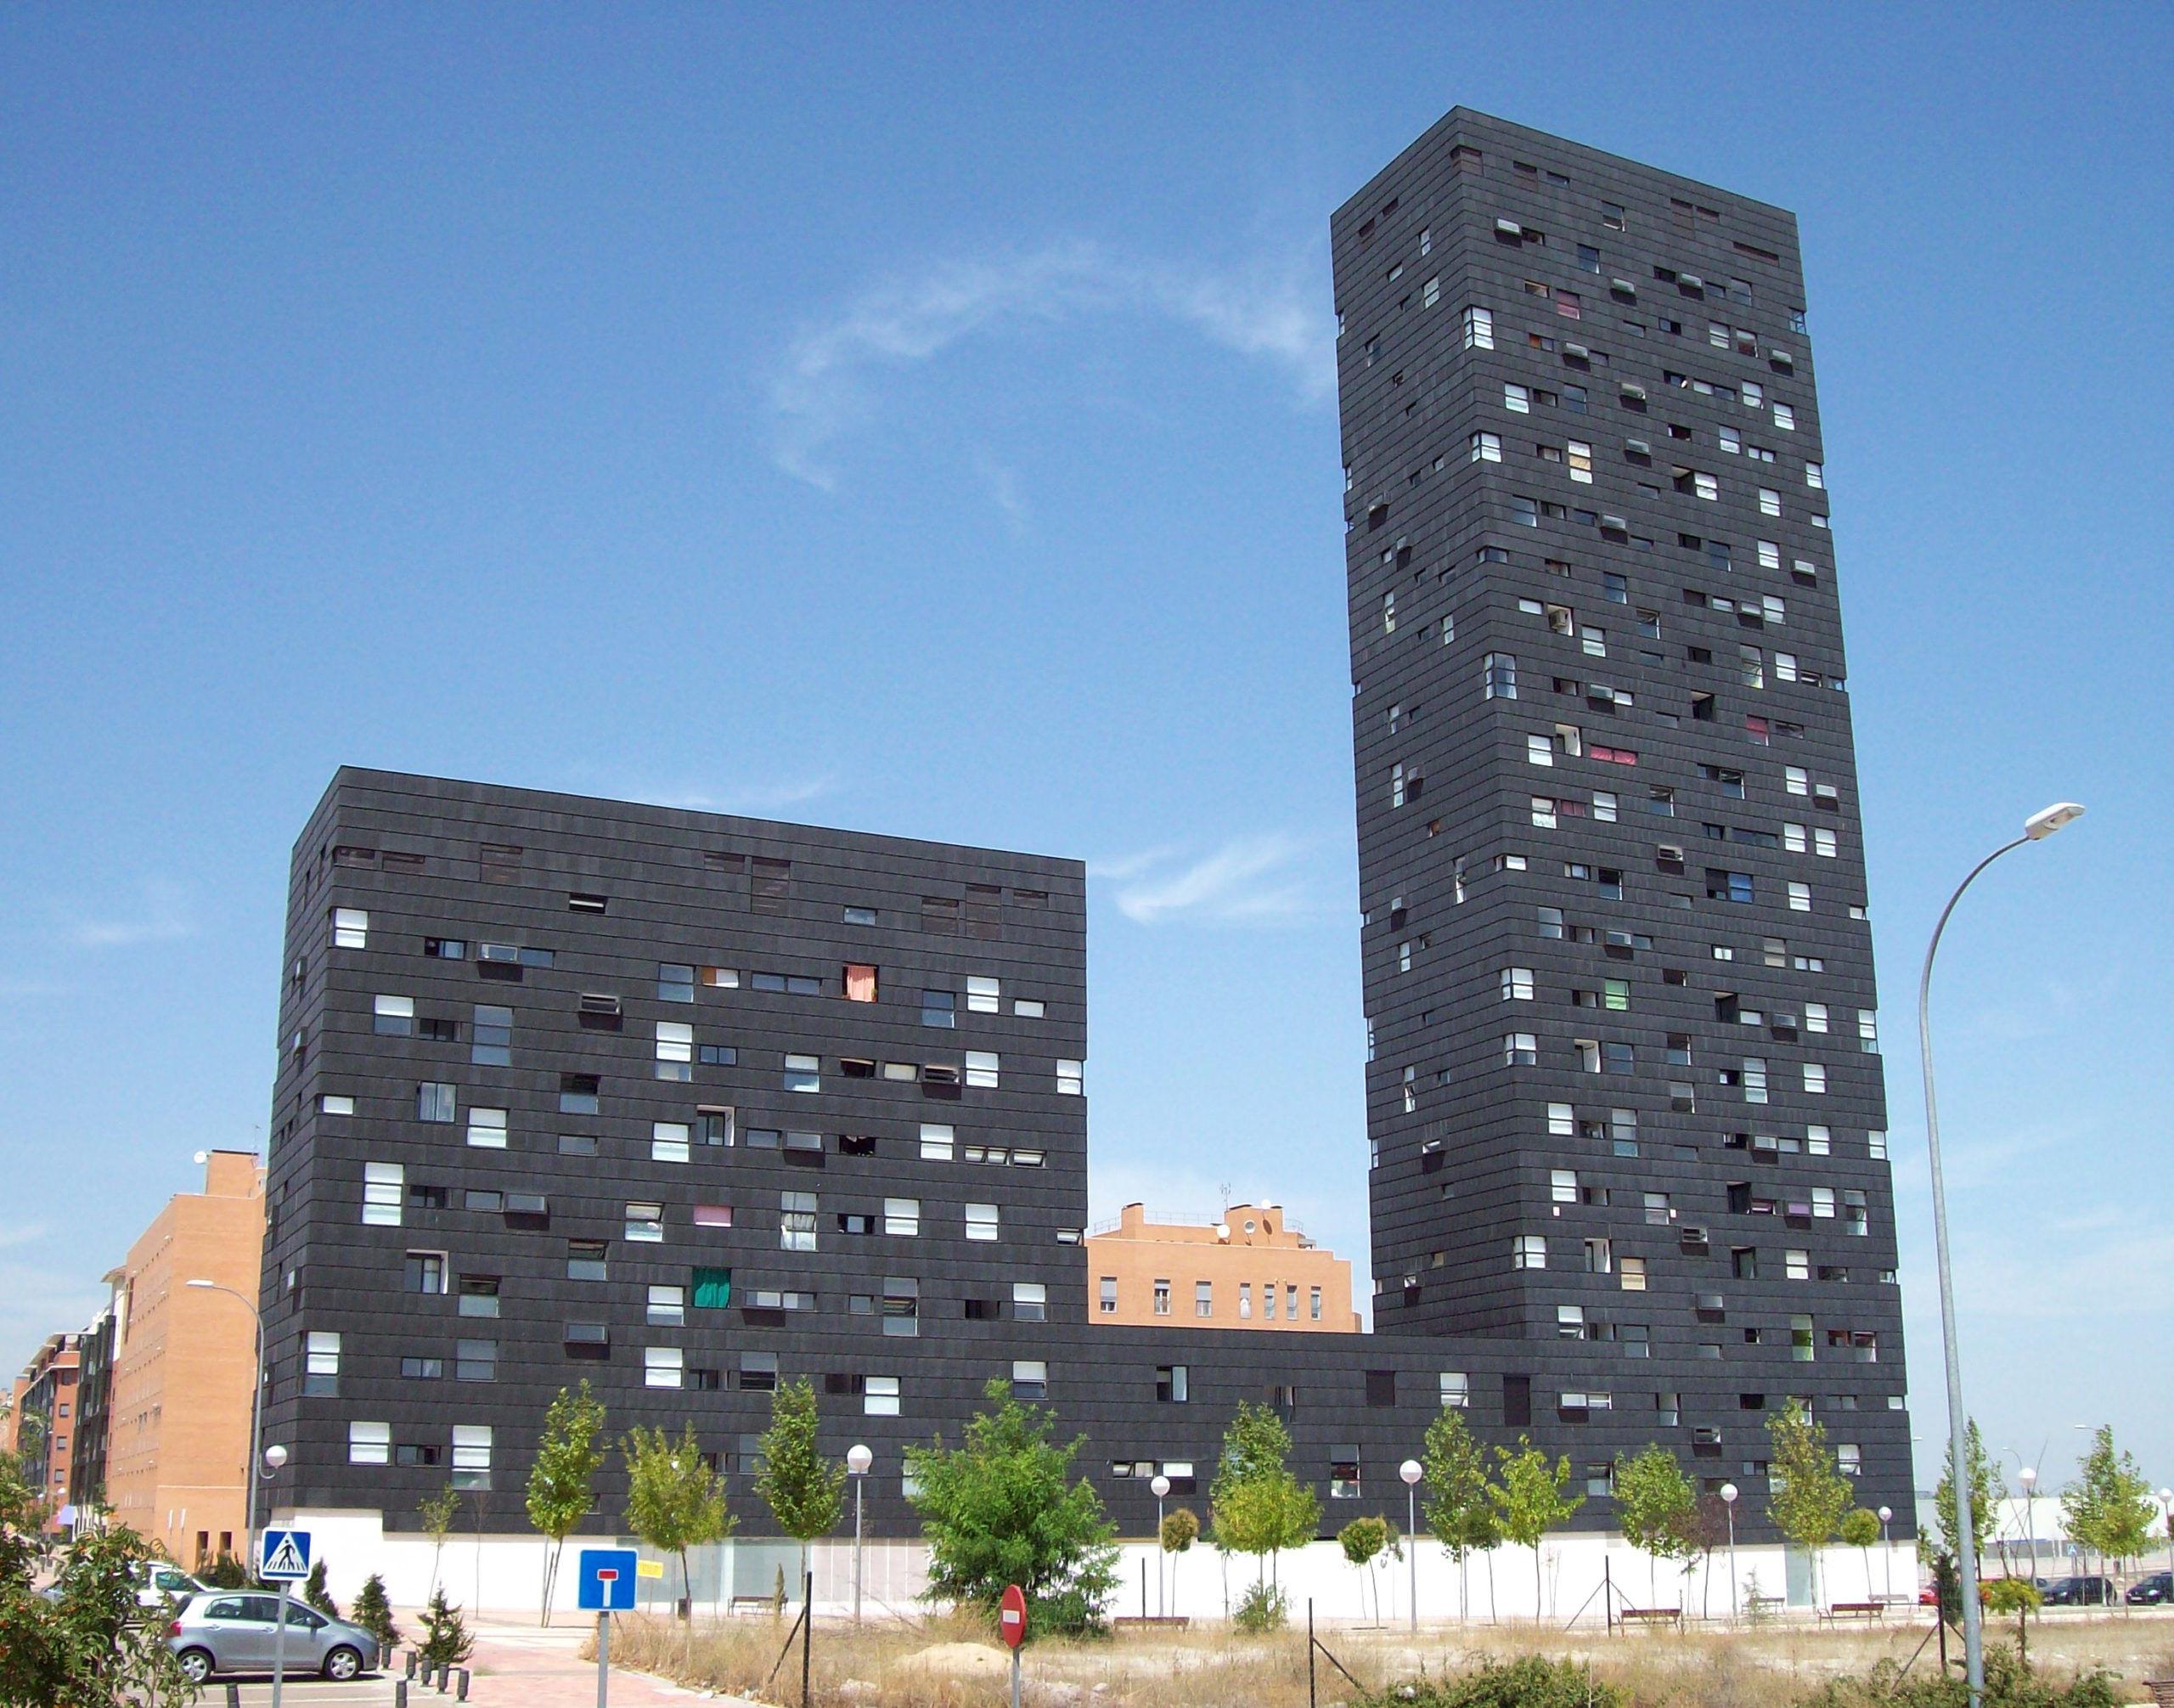 Edificio Vallecas 20, Premio Mejor Construcción Residencial, 2010, Ensanche de Vallecas